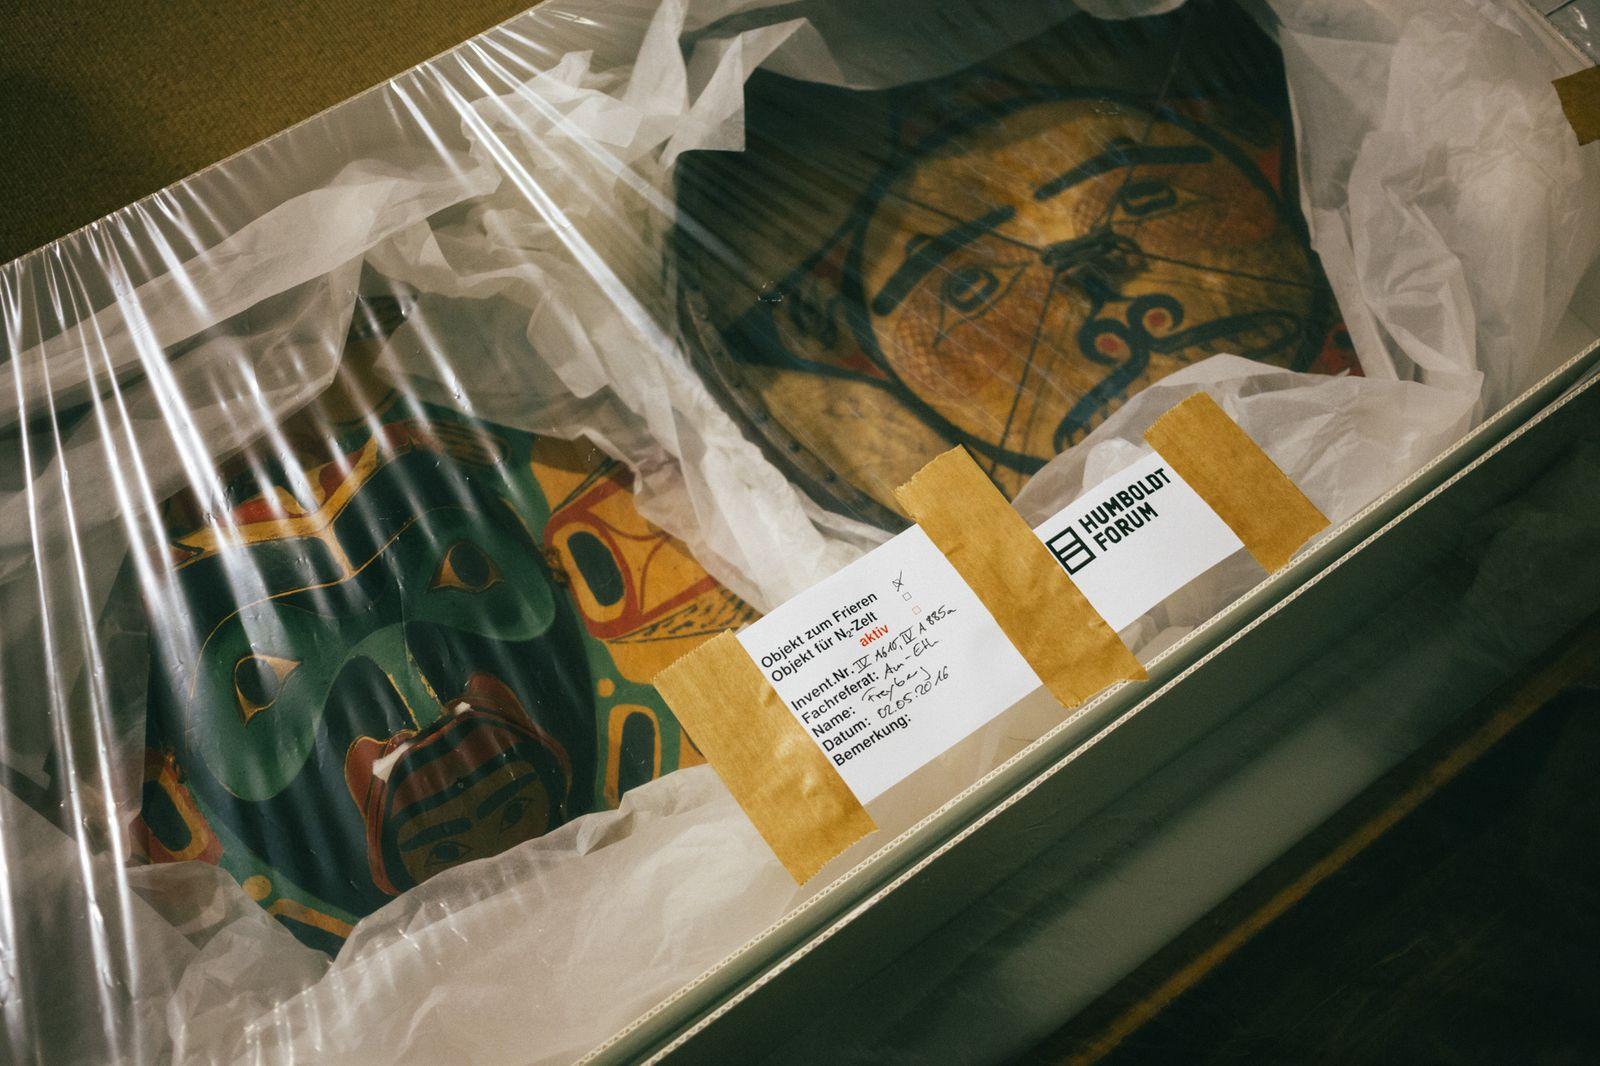 Objekte werden für den Umzug ins Humboldt Forum vorbereitet. Foto: Staatliche Museen zu Berlin / Daniel Hofer